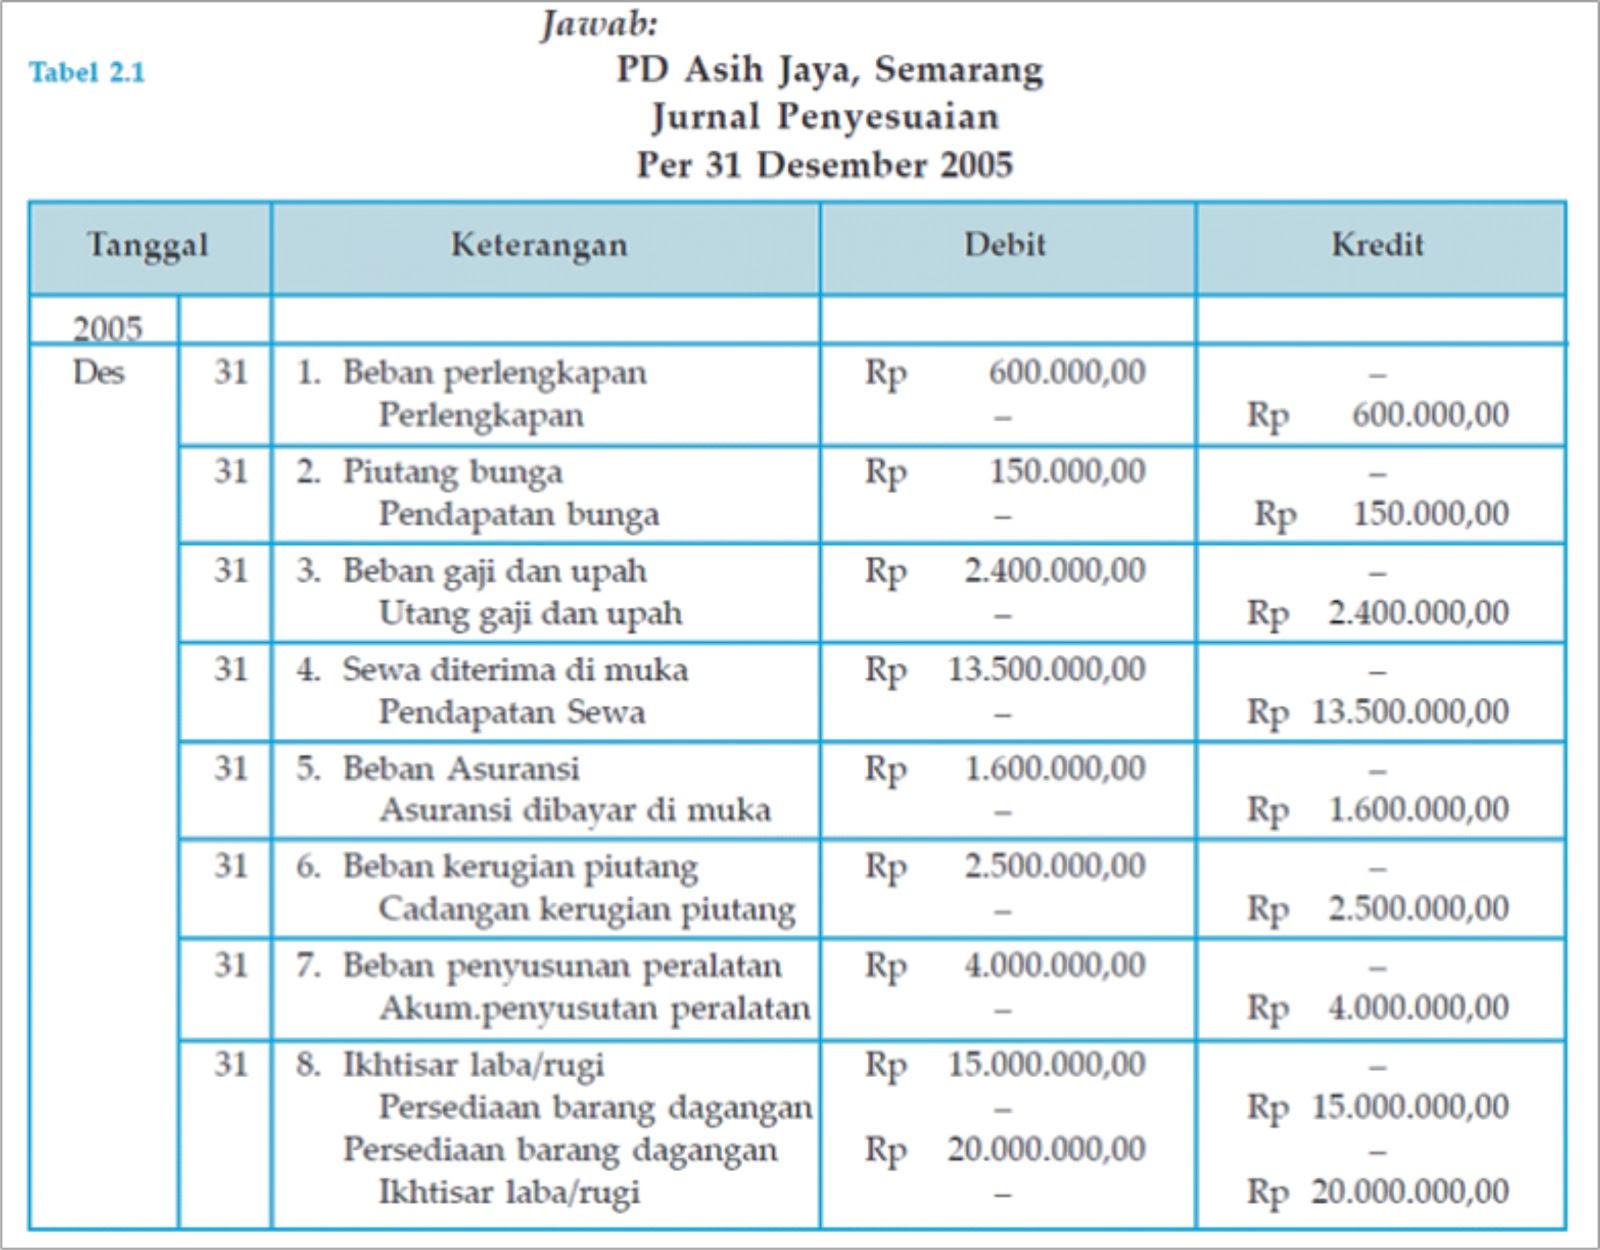 Susunlah jurnal penyesuaian per 31 Desember 2005 untuk transaksi